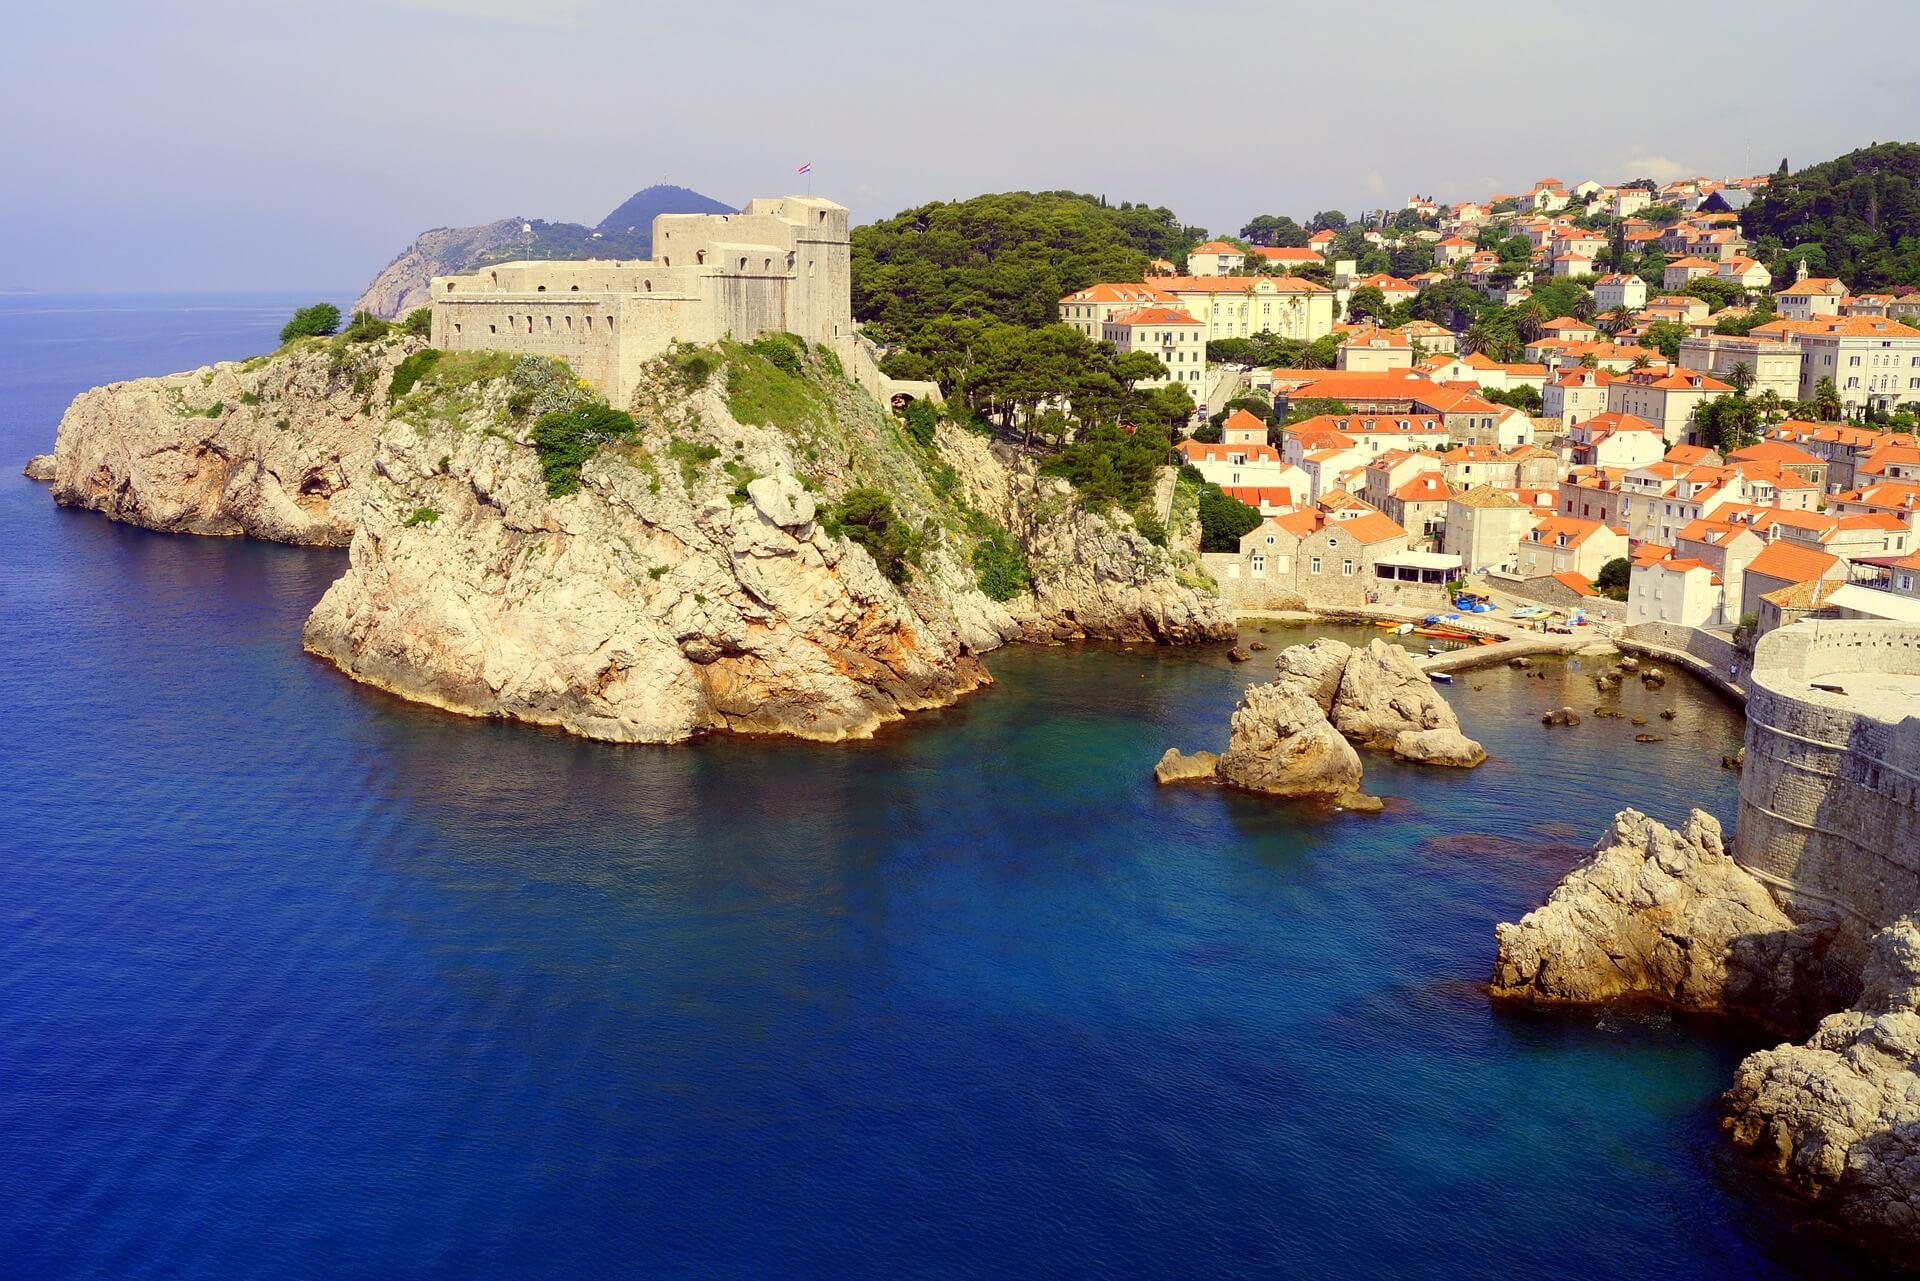 Direktflüge und Billigflüge nach Dubrovnik